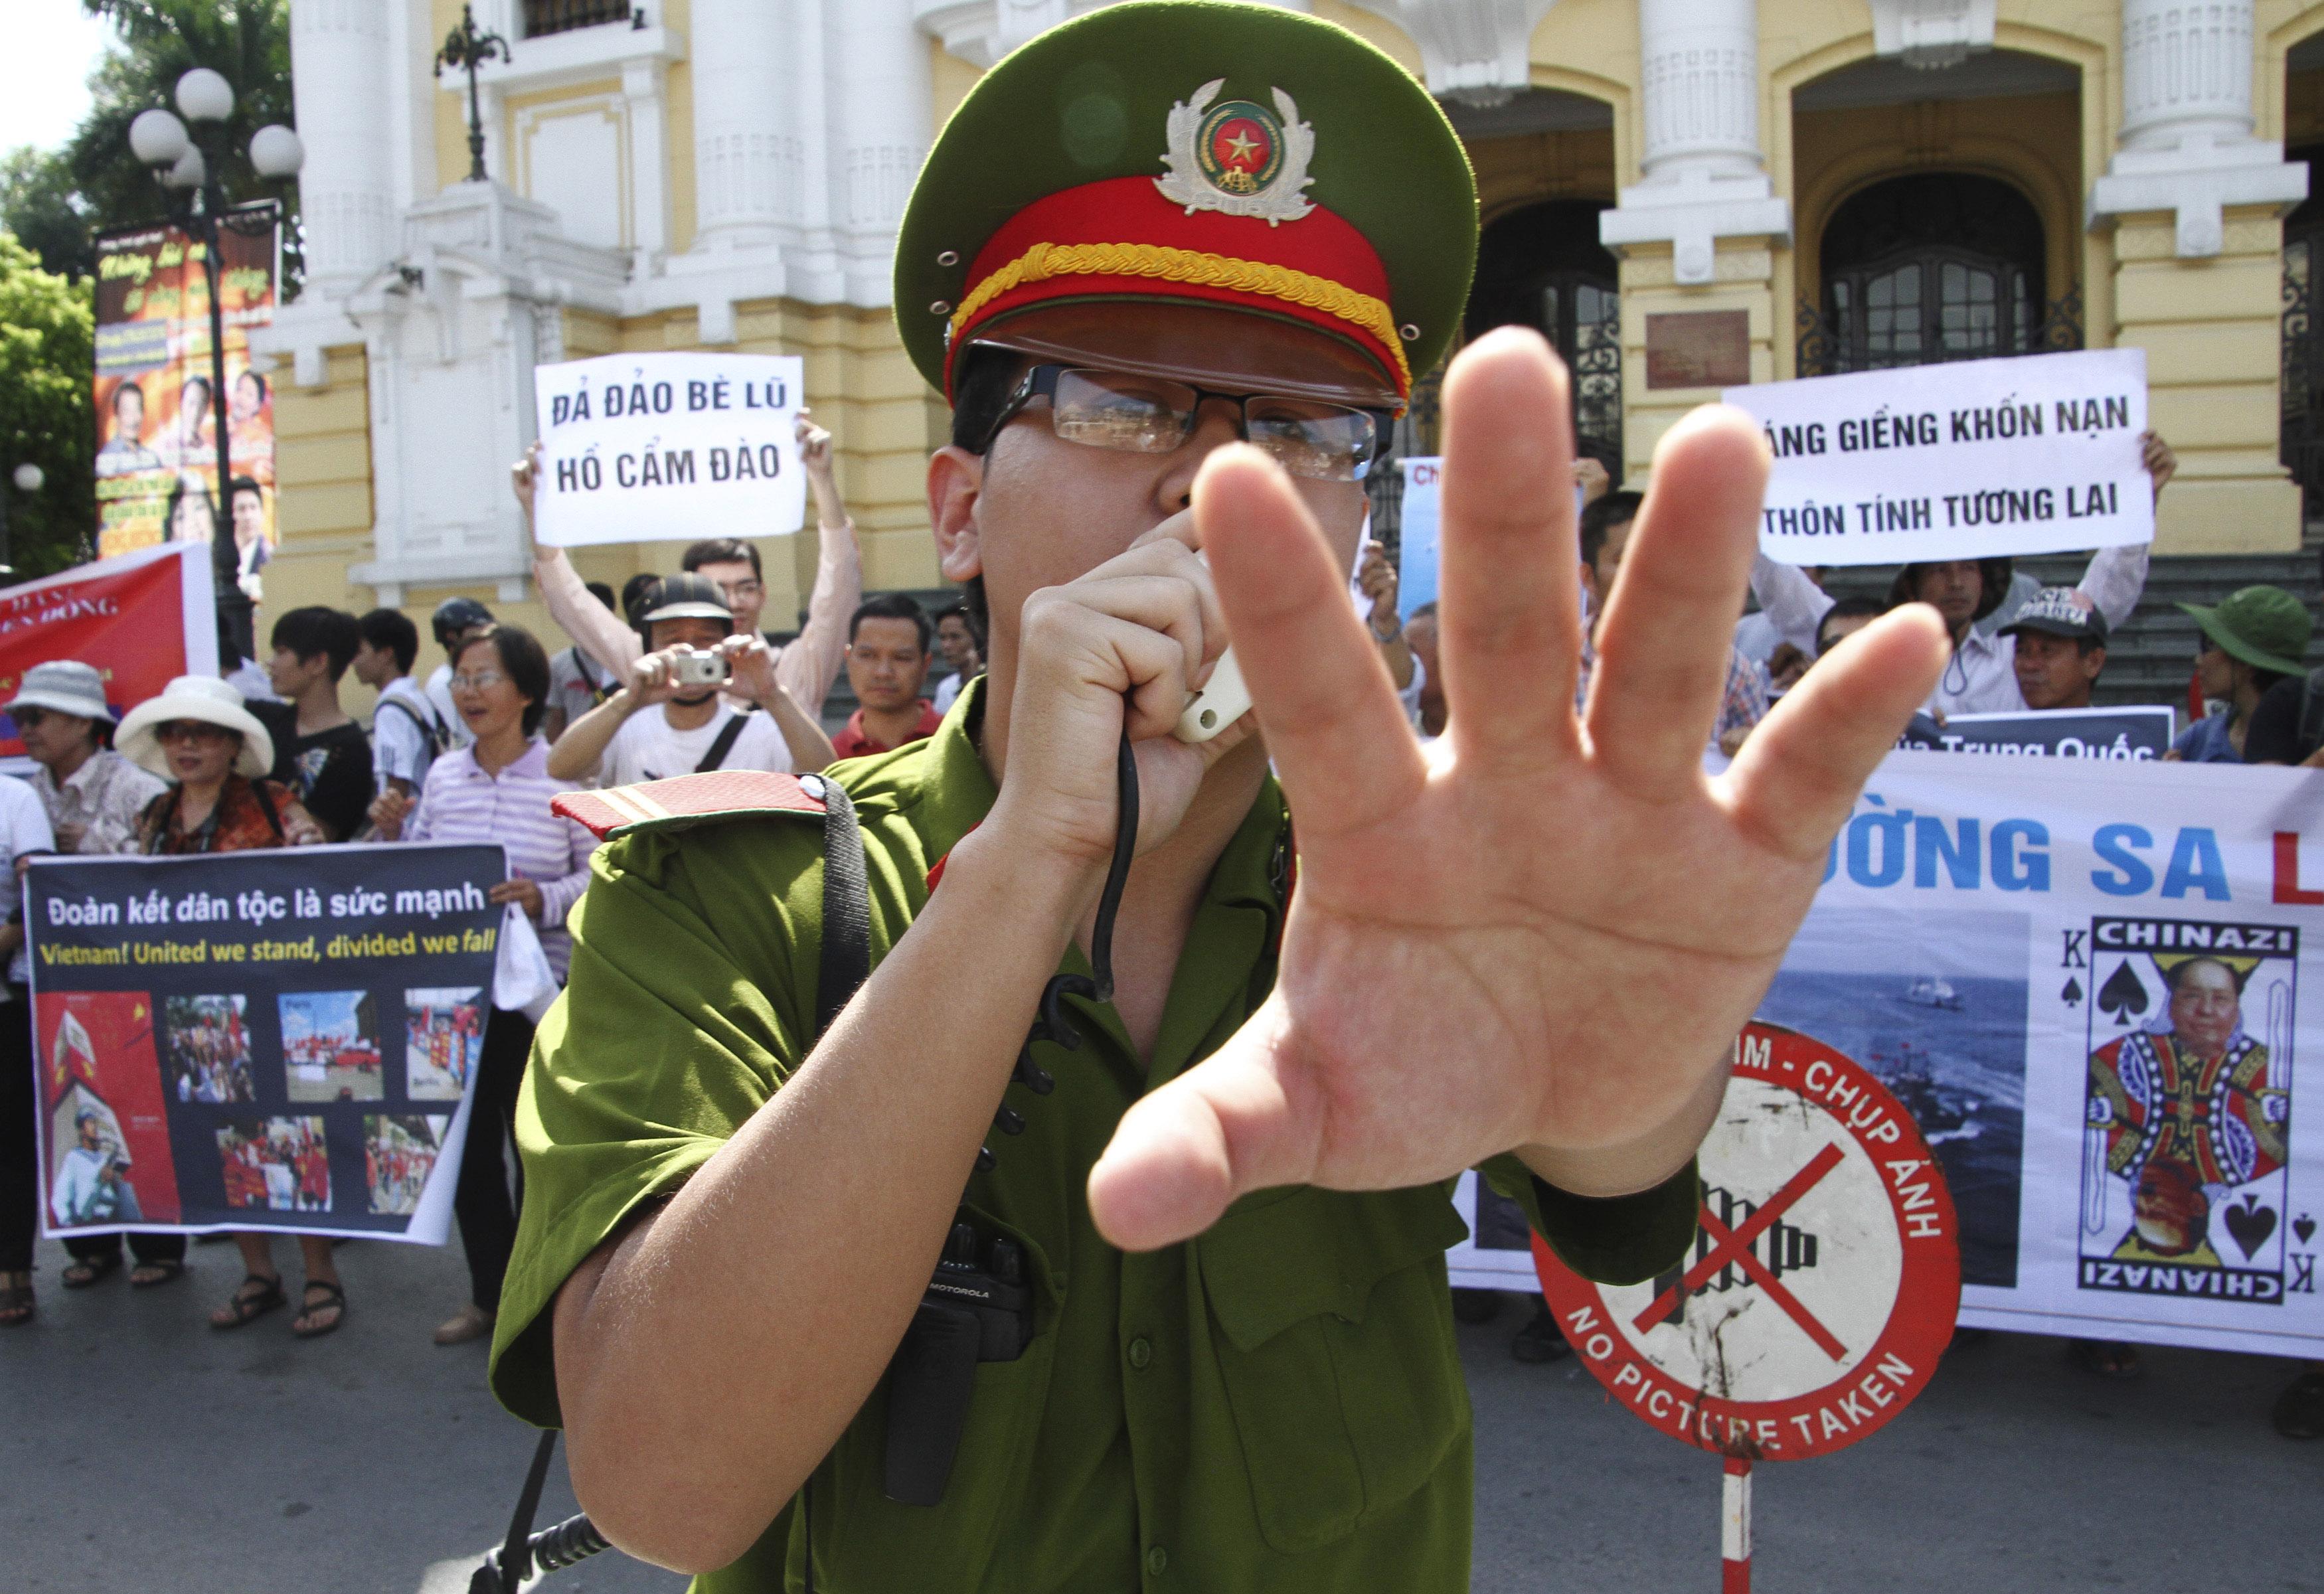 Human Rights Watch gửi thư ngỏ cho ngoại trưởng Nhật Bản sắp thăm Việt Nam